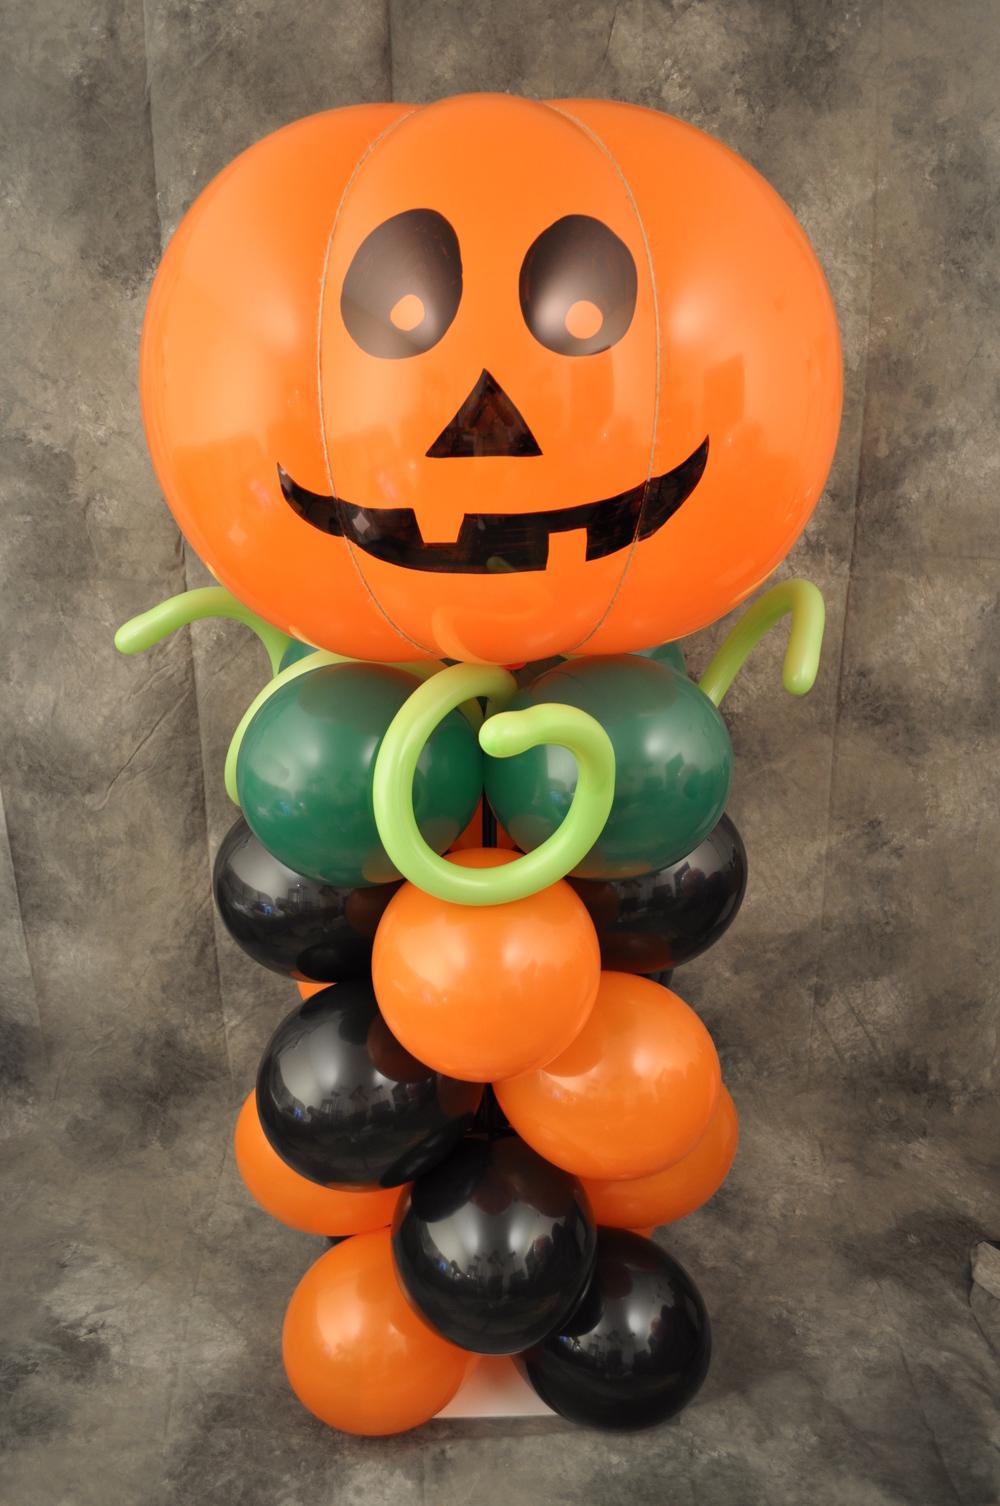 pumpkin-Halloween-balloon-column.jpg